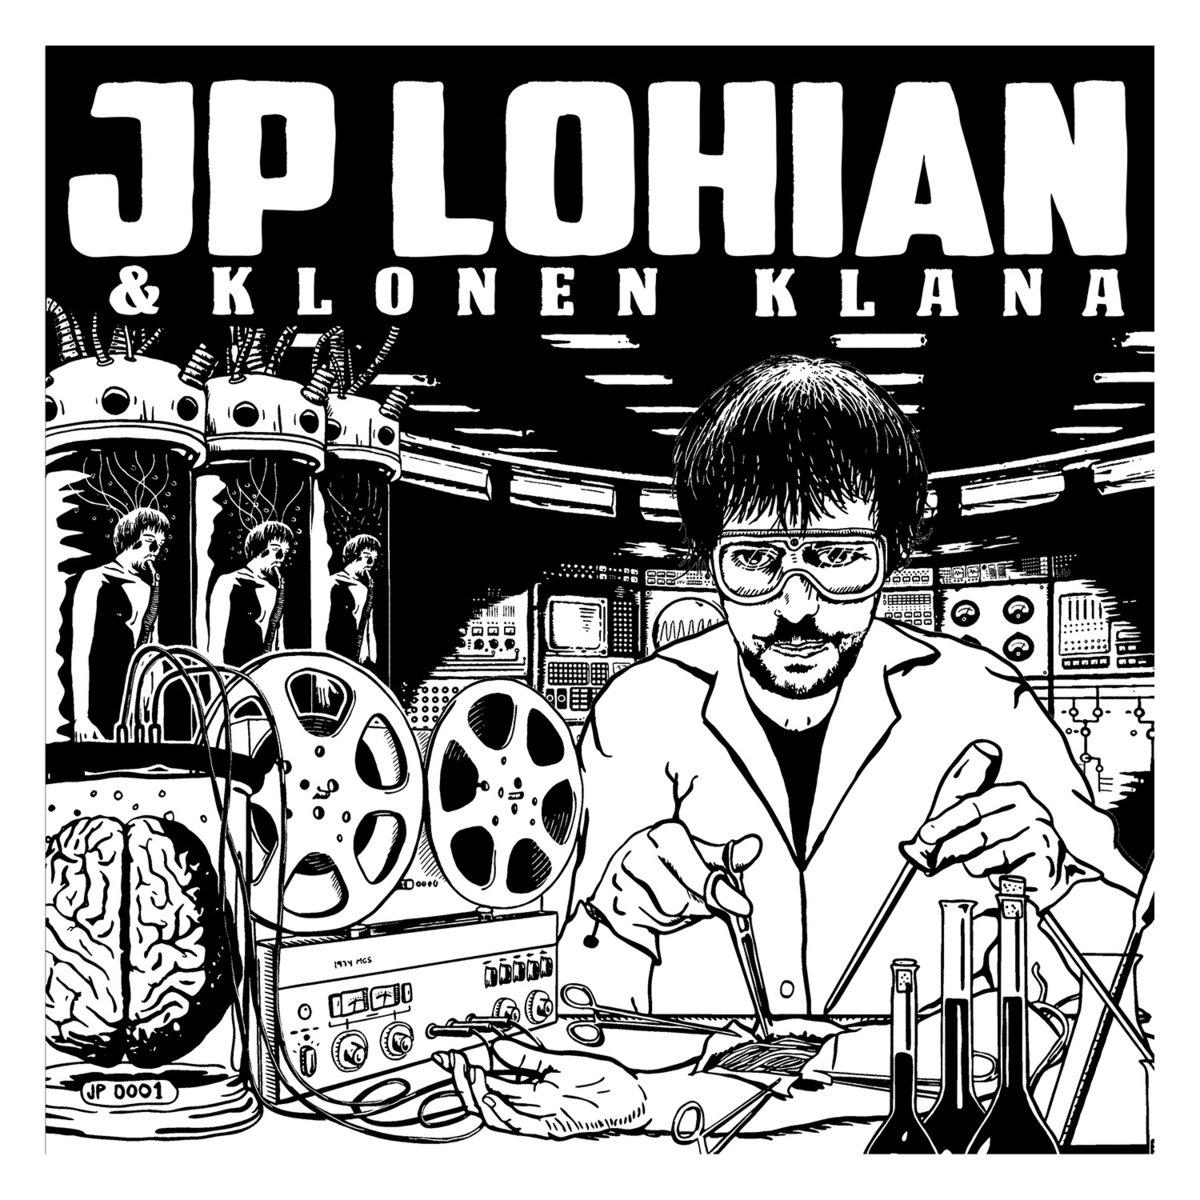 Kontratazioa -JP-LOHIAN-and-KLONEN-KLANA.jpg